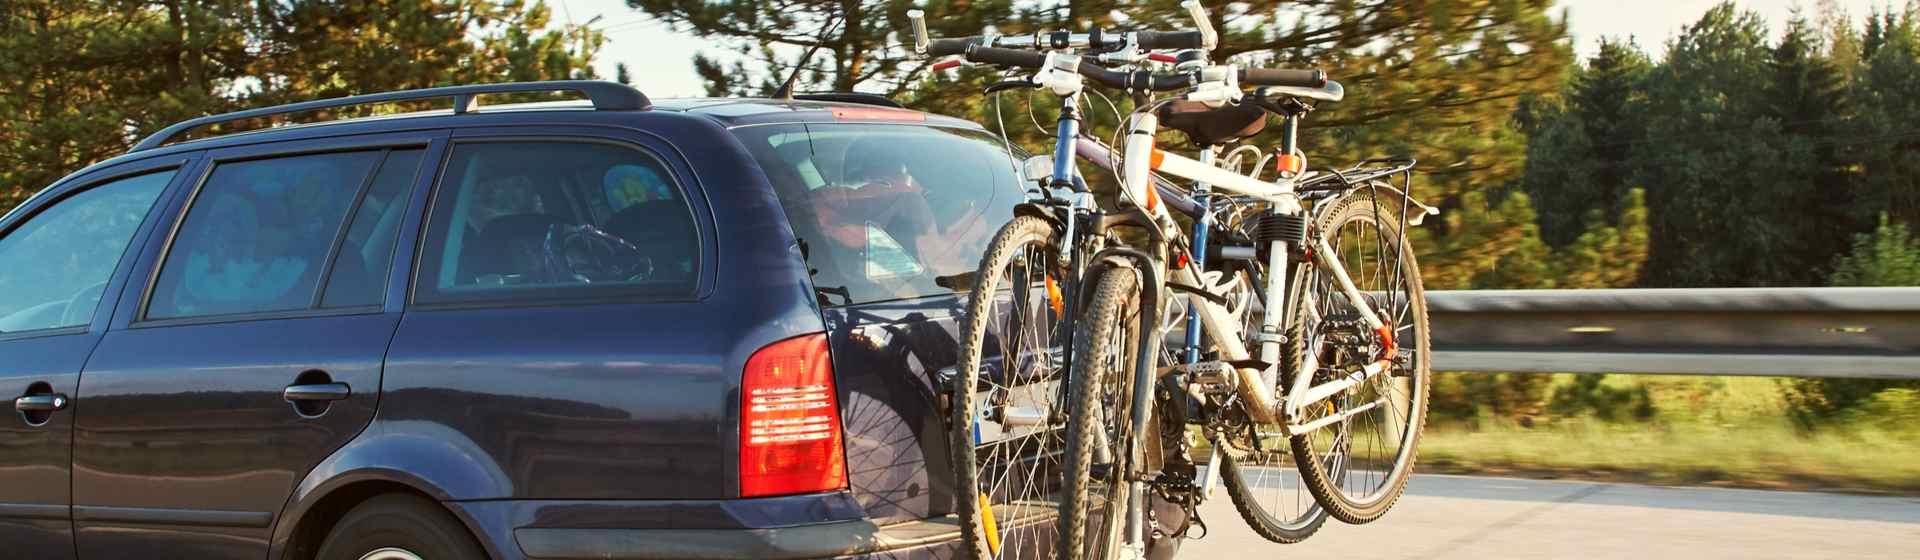 Acessórios para carro: confira os indispensáveis